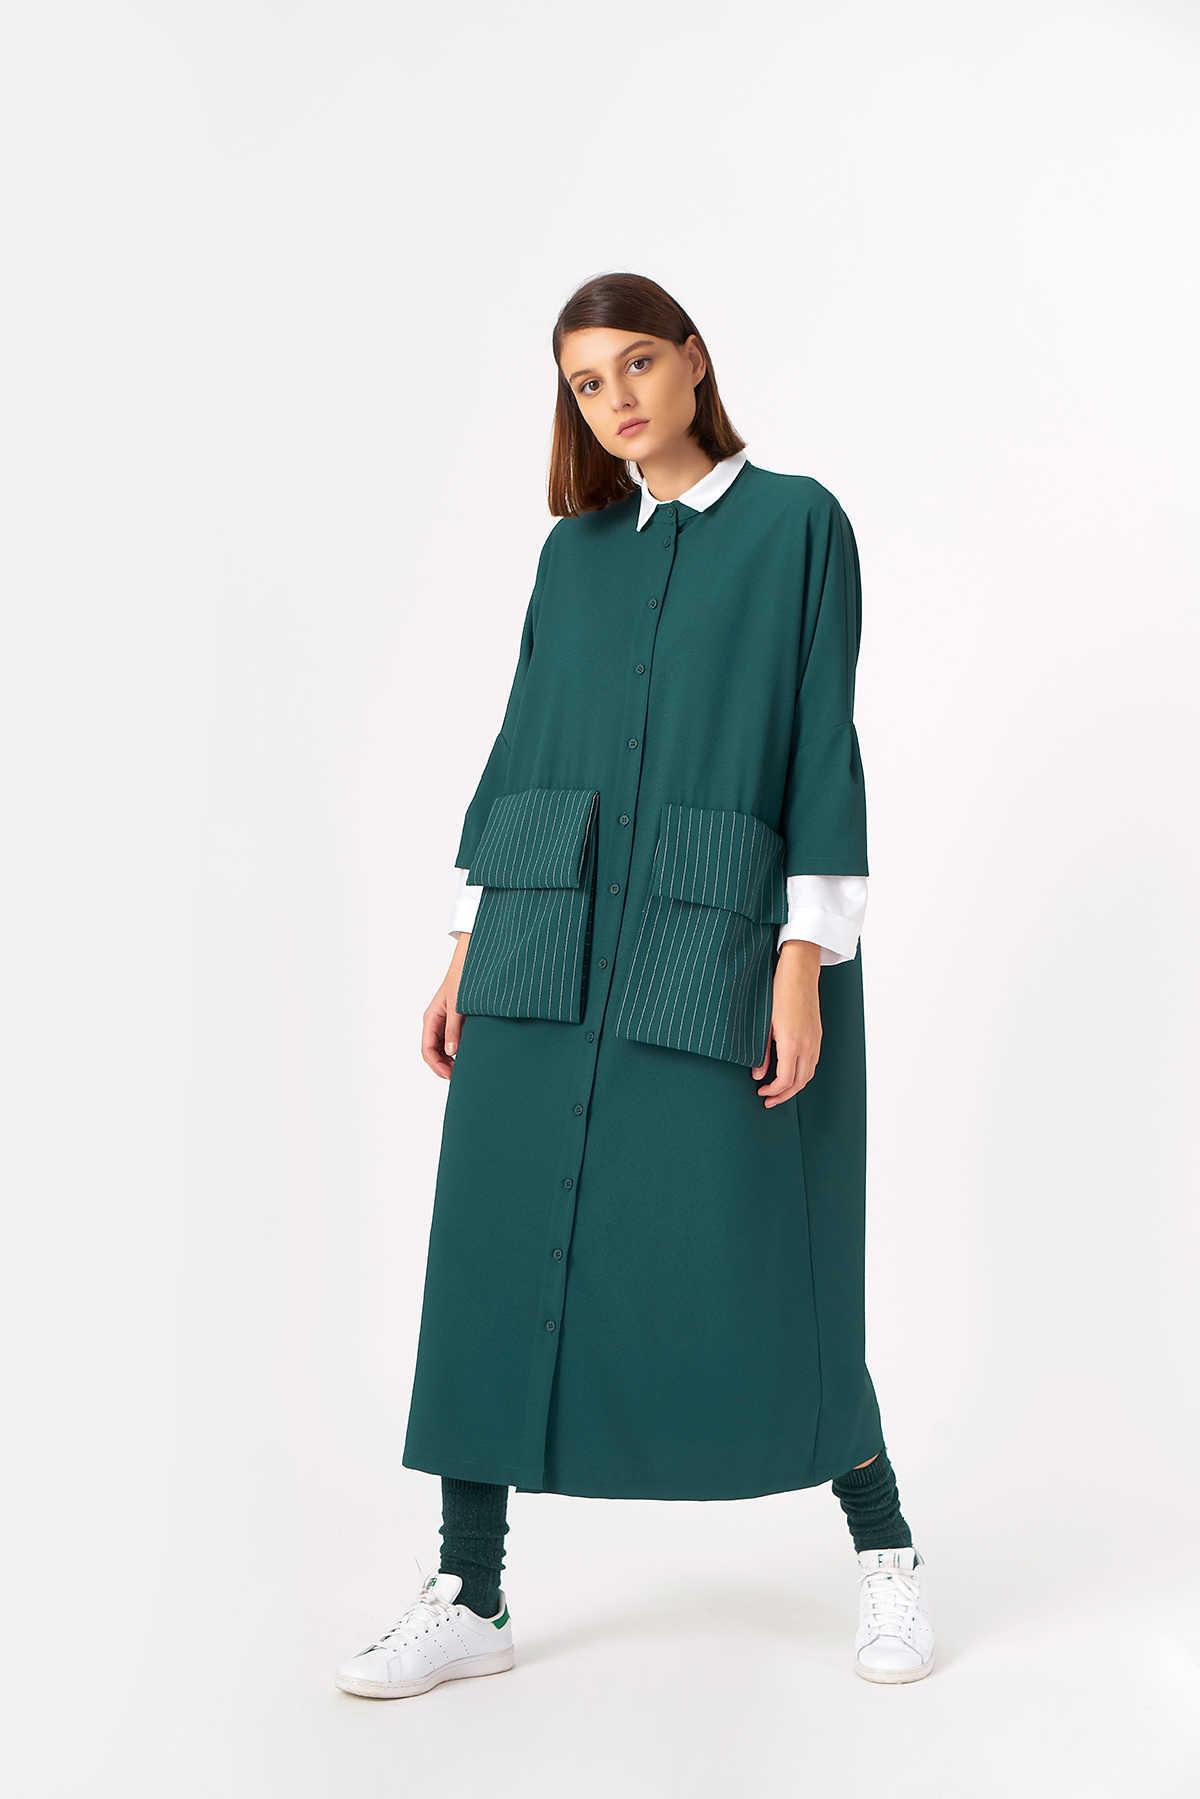 Kuaybe Gider - 2083 Elbise Yeşil